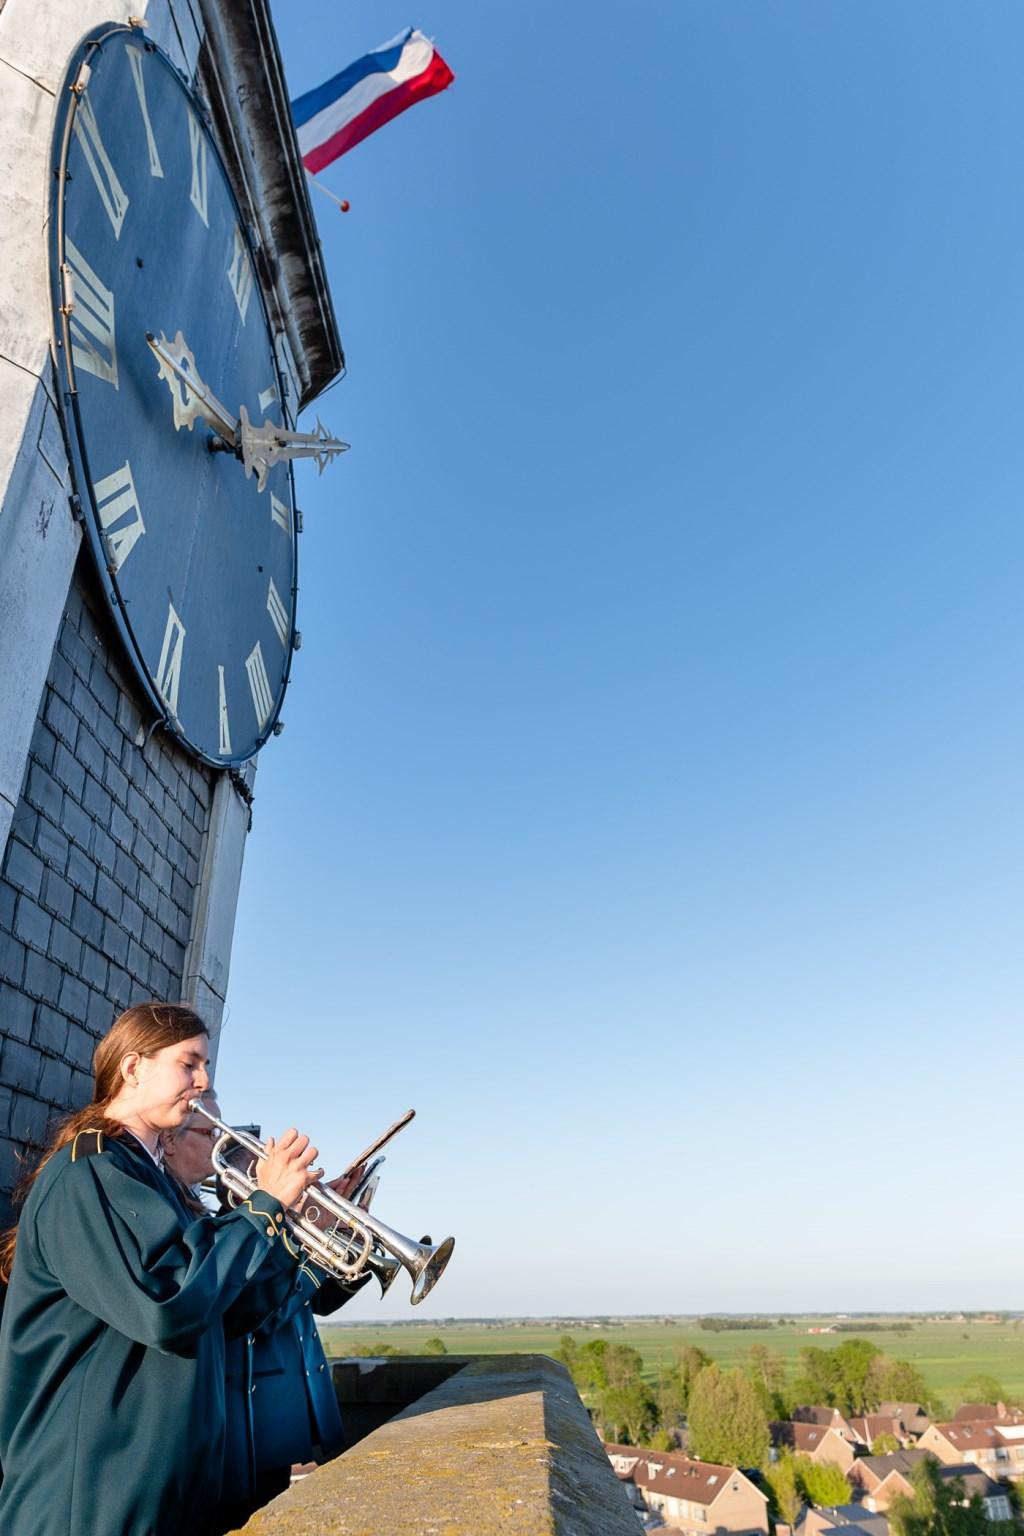 De familie Sparreboom speelt vanaf de kerktoren in Streefkerk. Foto: Marijke Verhoef © Alblasserwaard